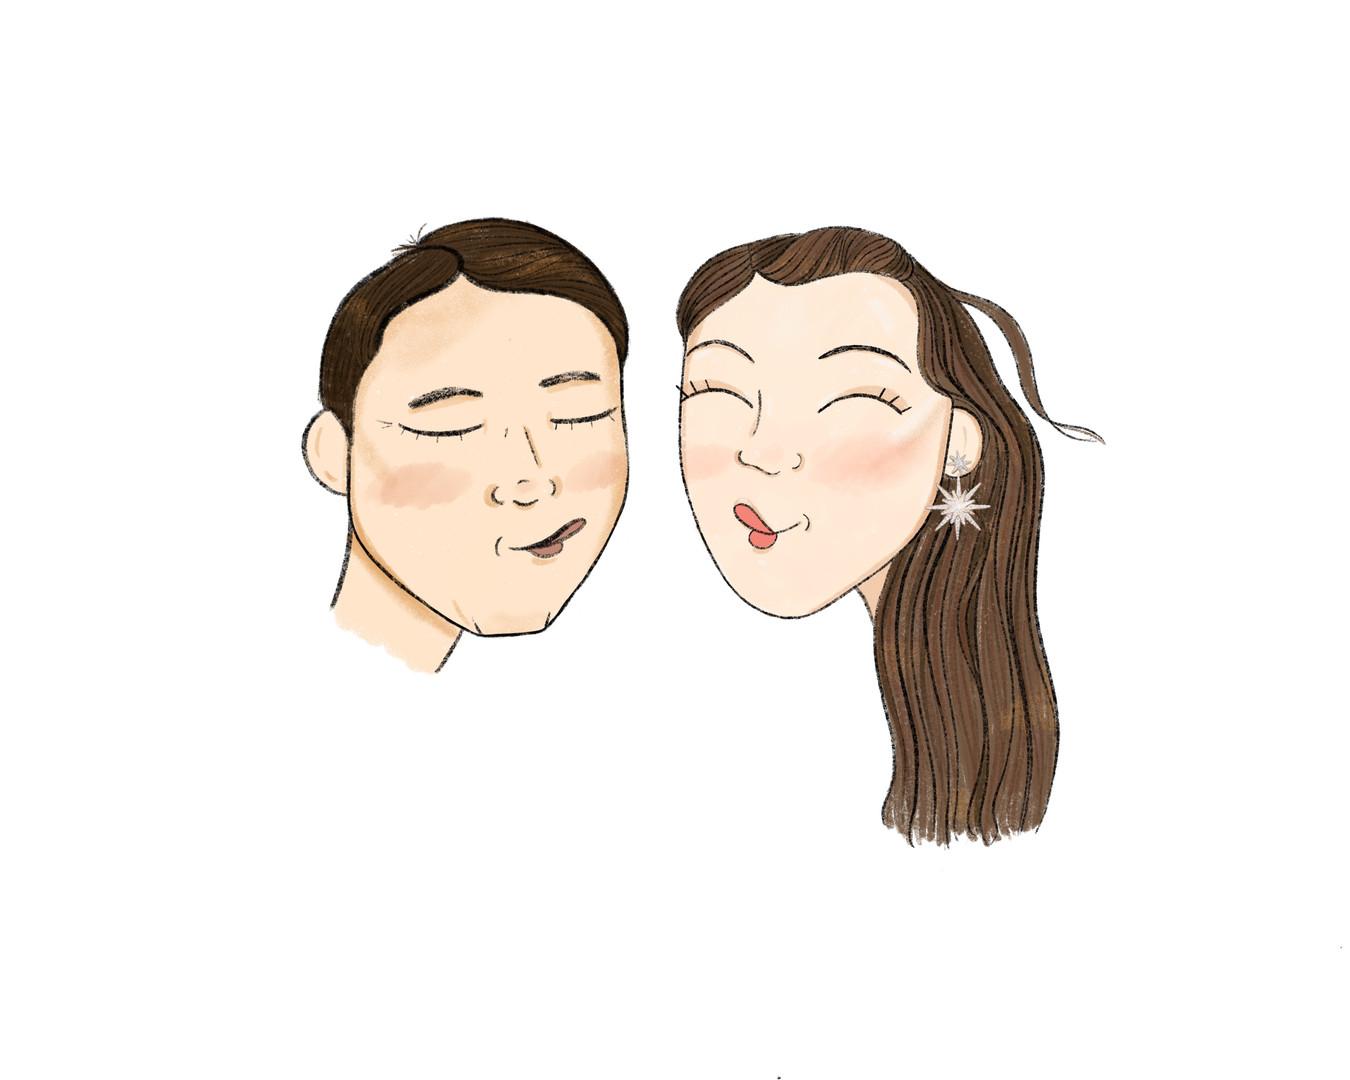 Mr. and Mrs. Avnet